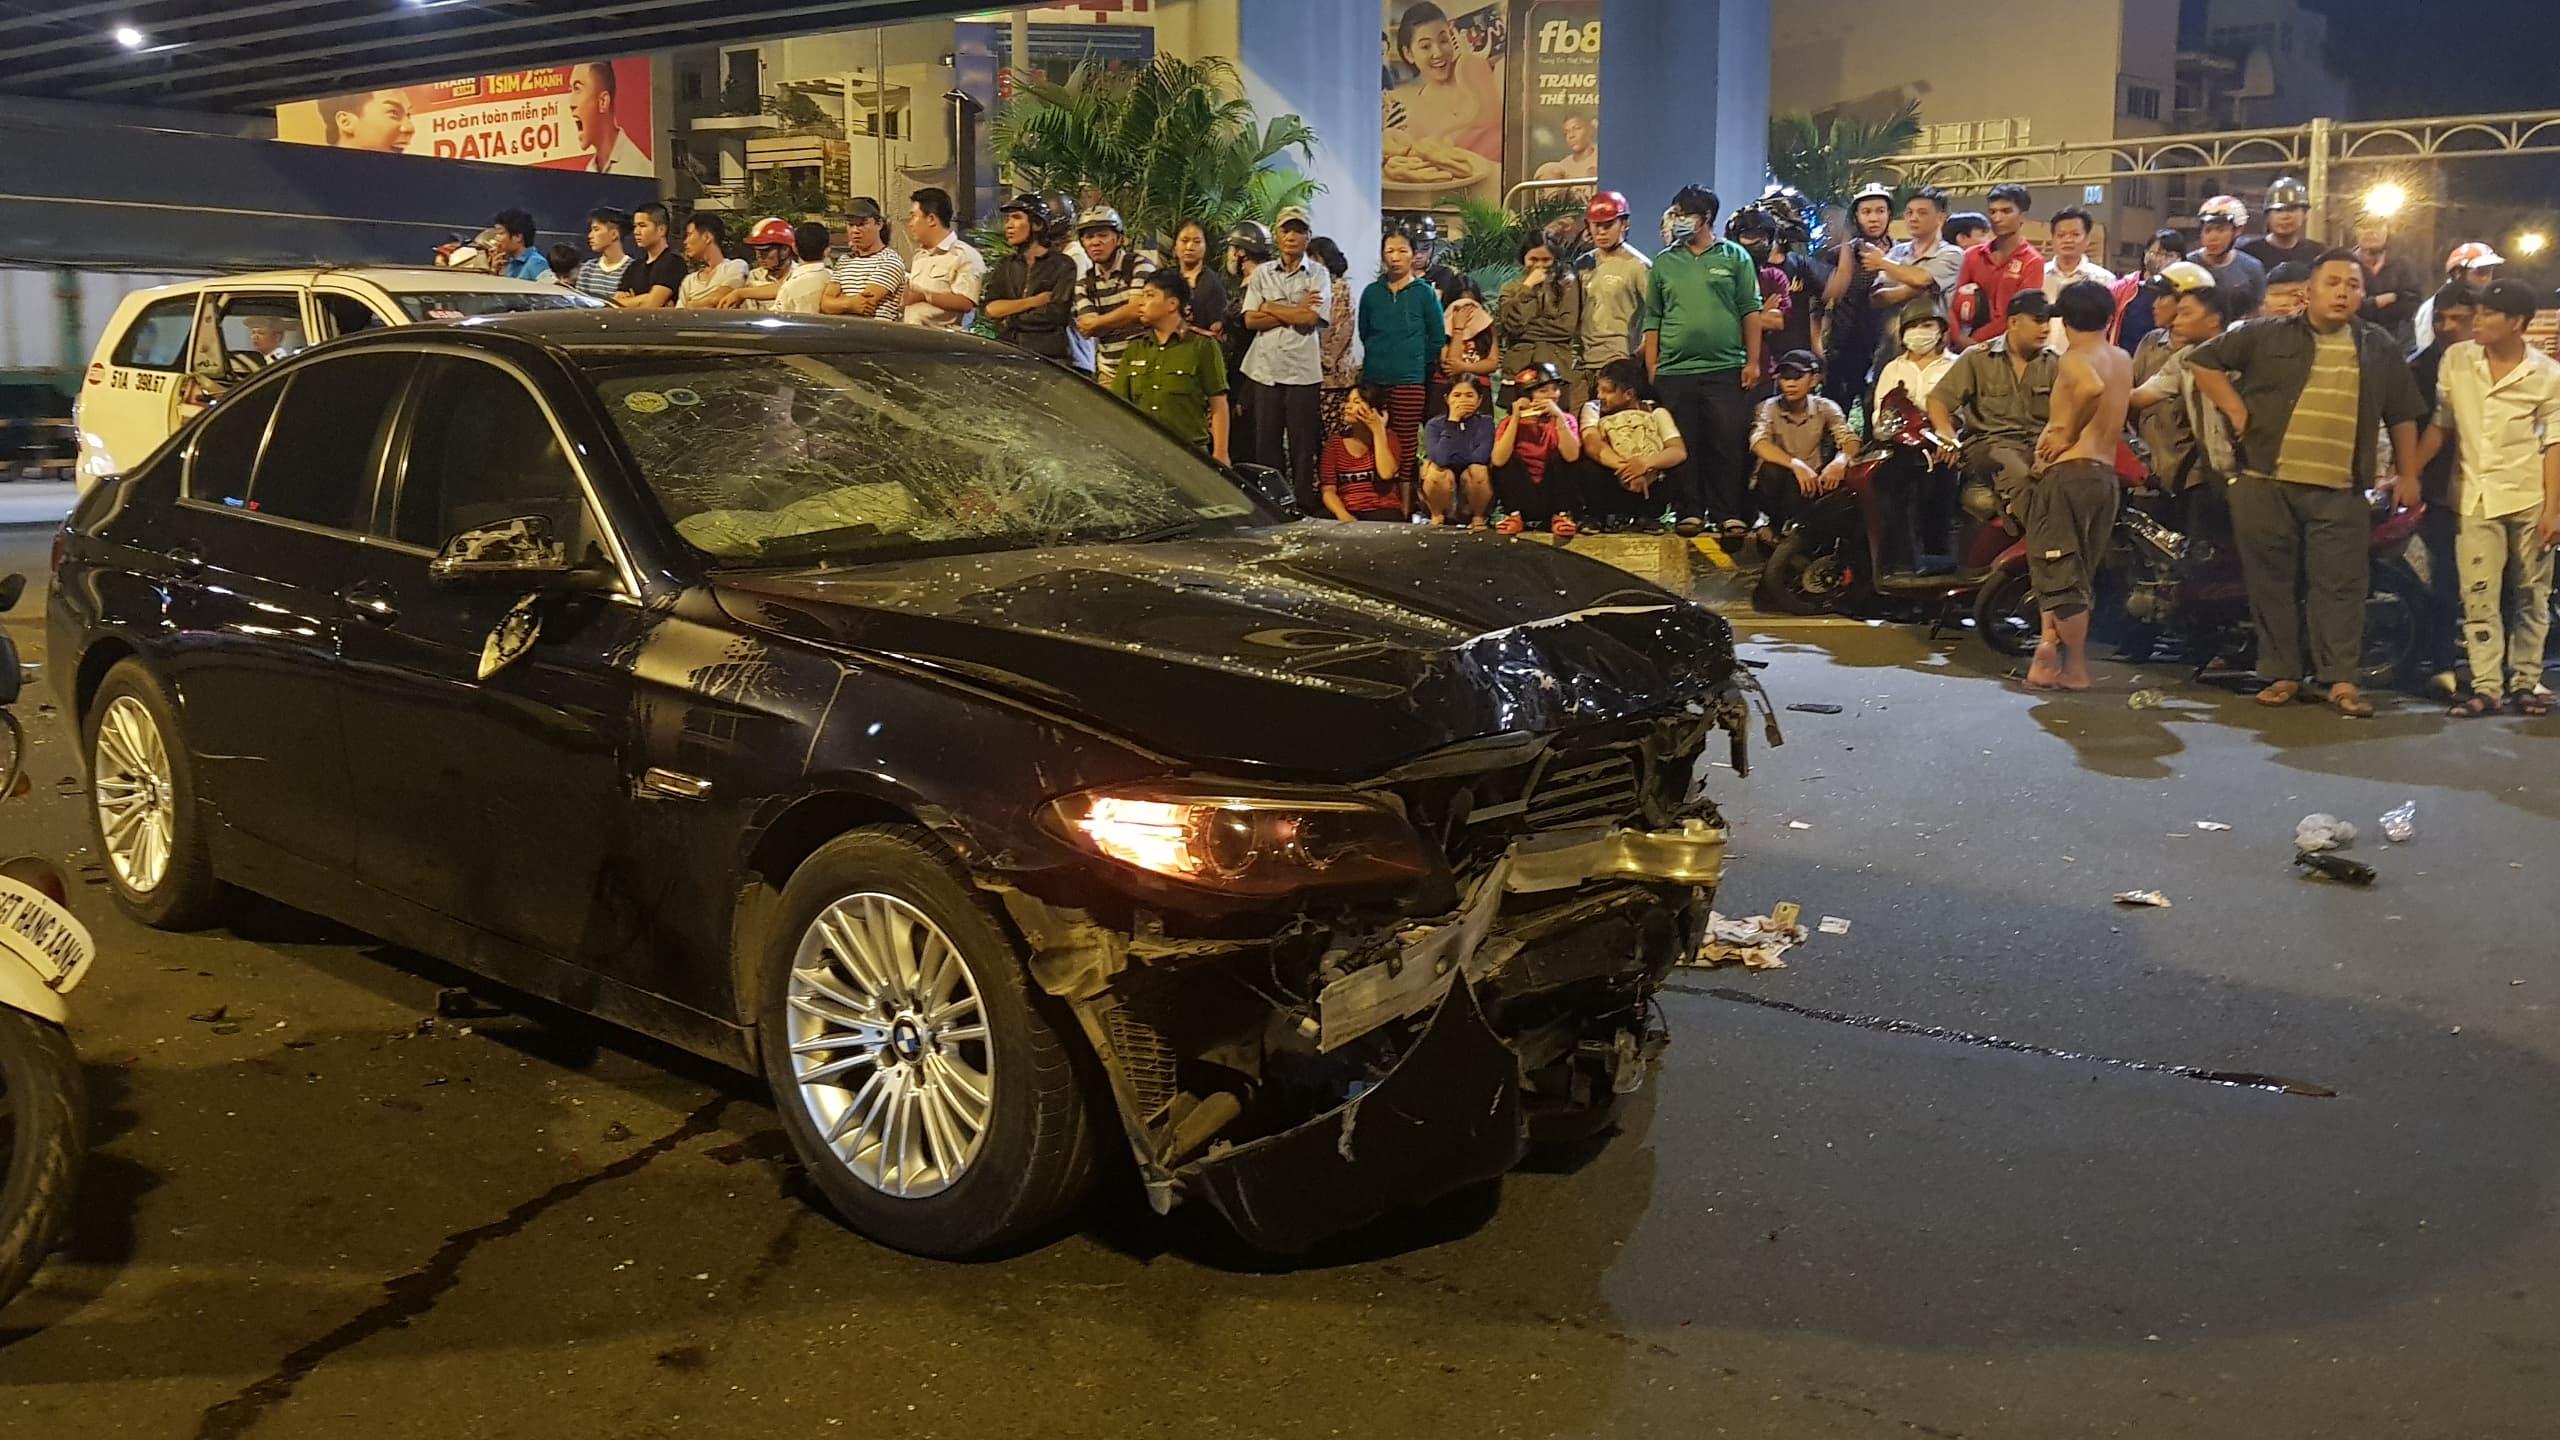 Nóng: Khởi tố, bắt tạm giam nữ lái xe BMW gây tai nạn kinh hoàng - 1